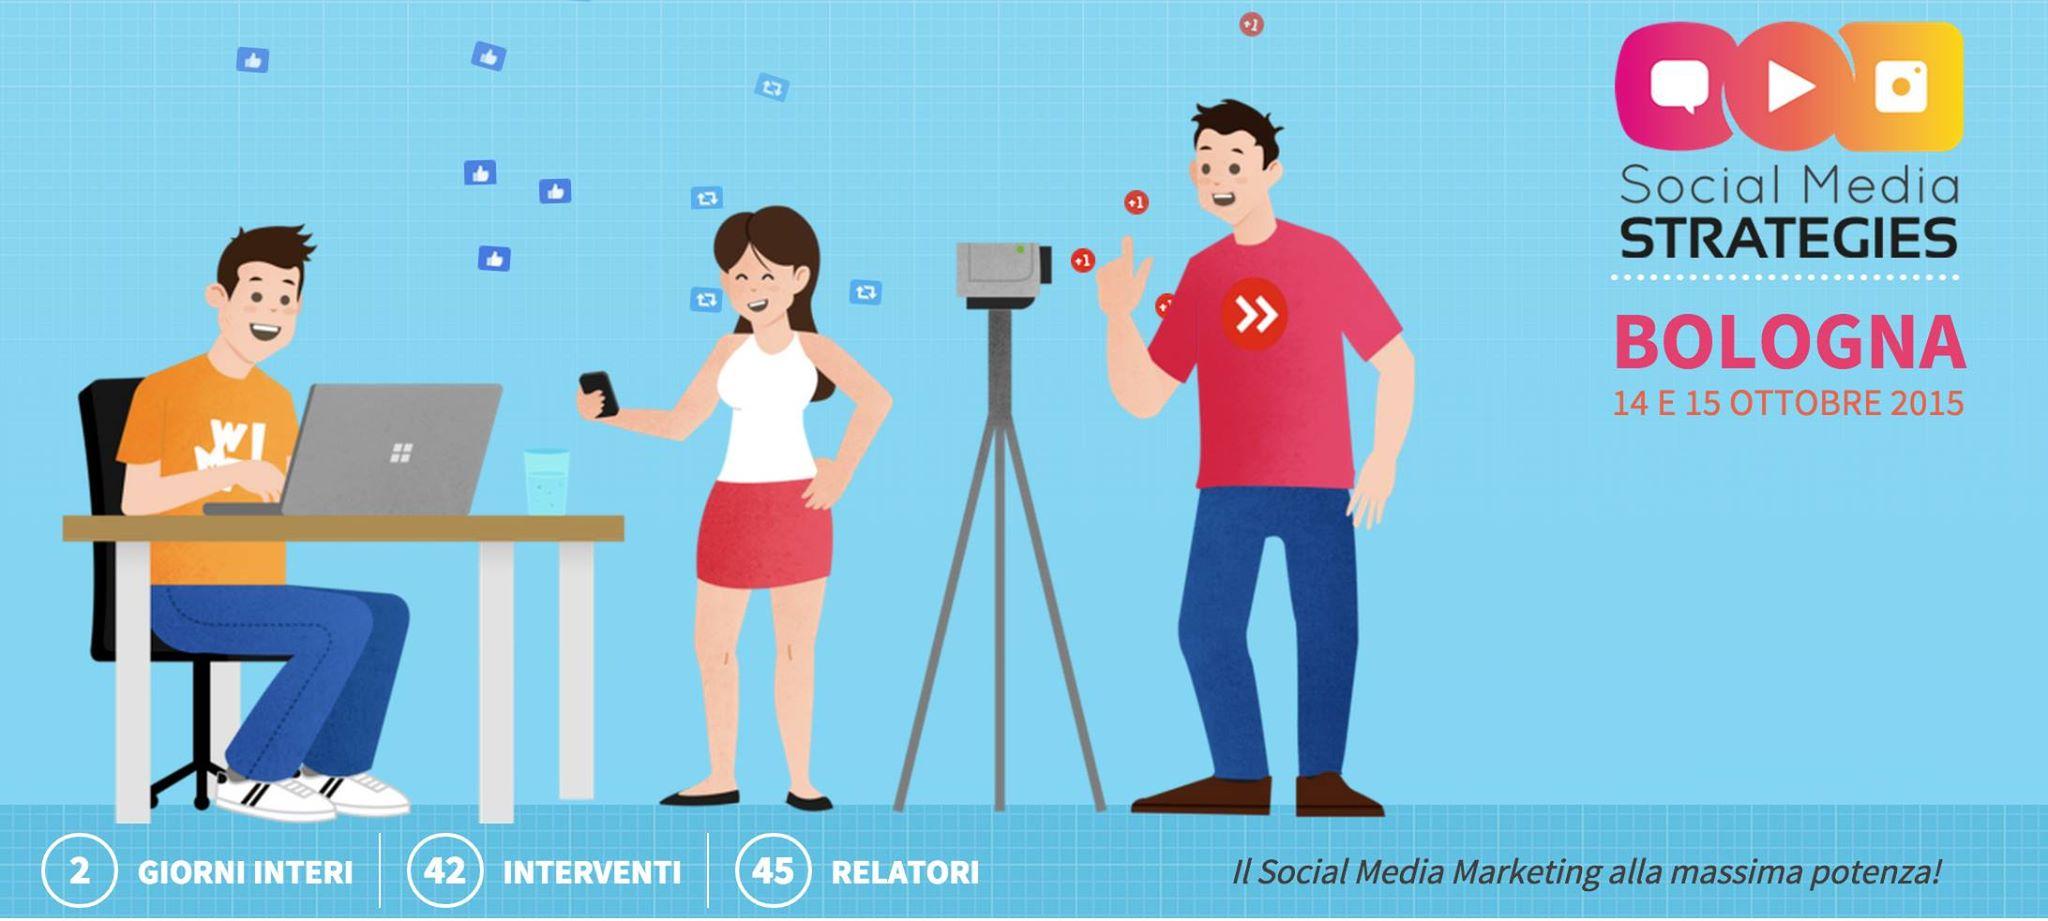 Social Media Strategies 2015 - Bologna